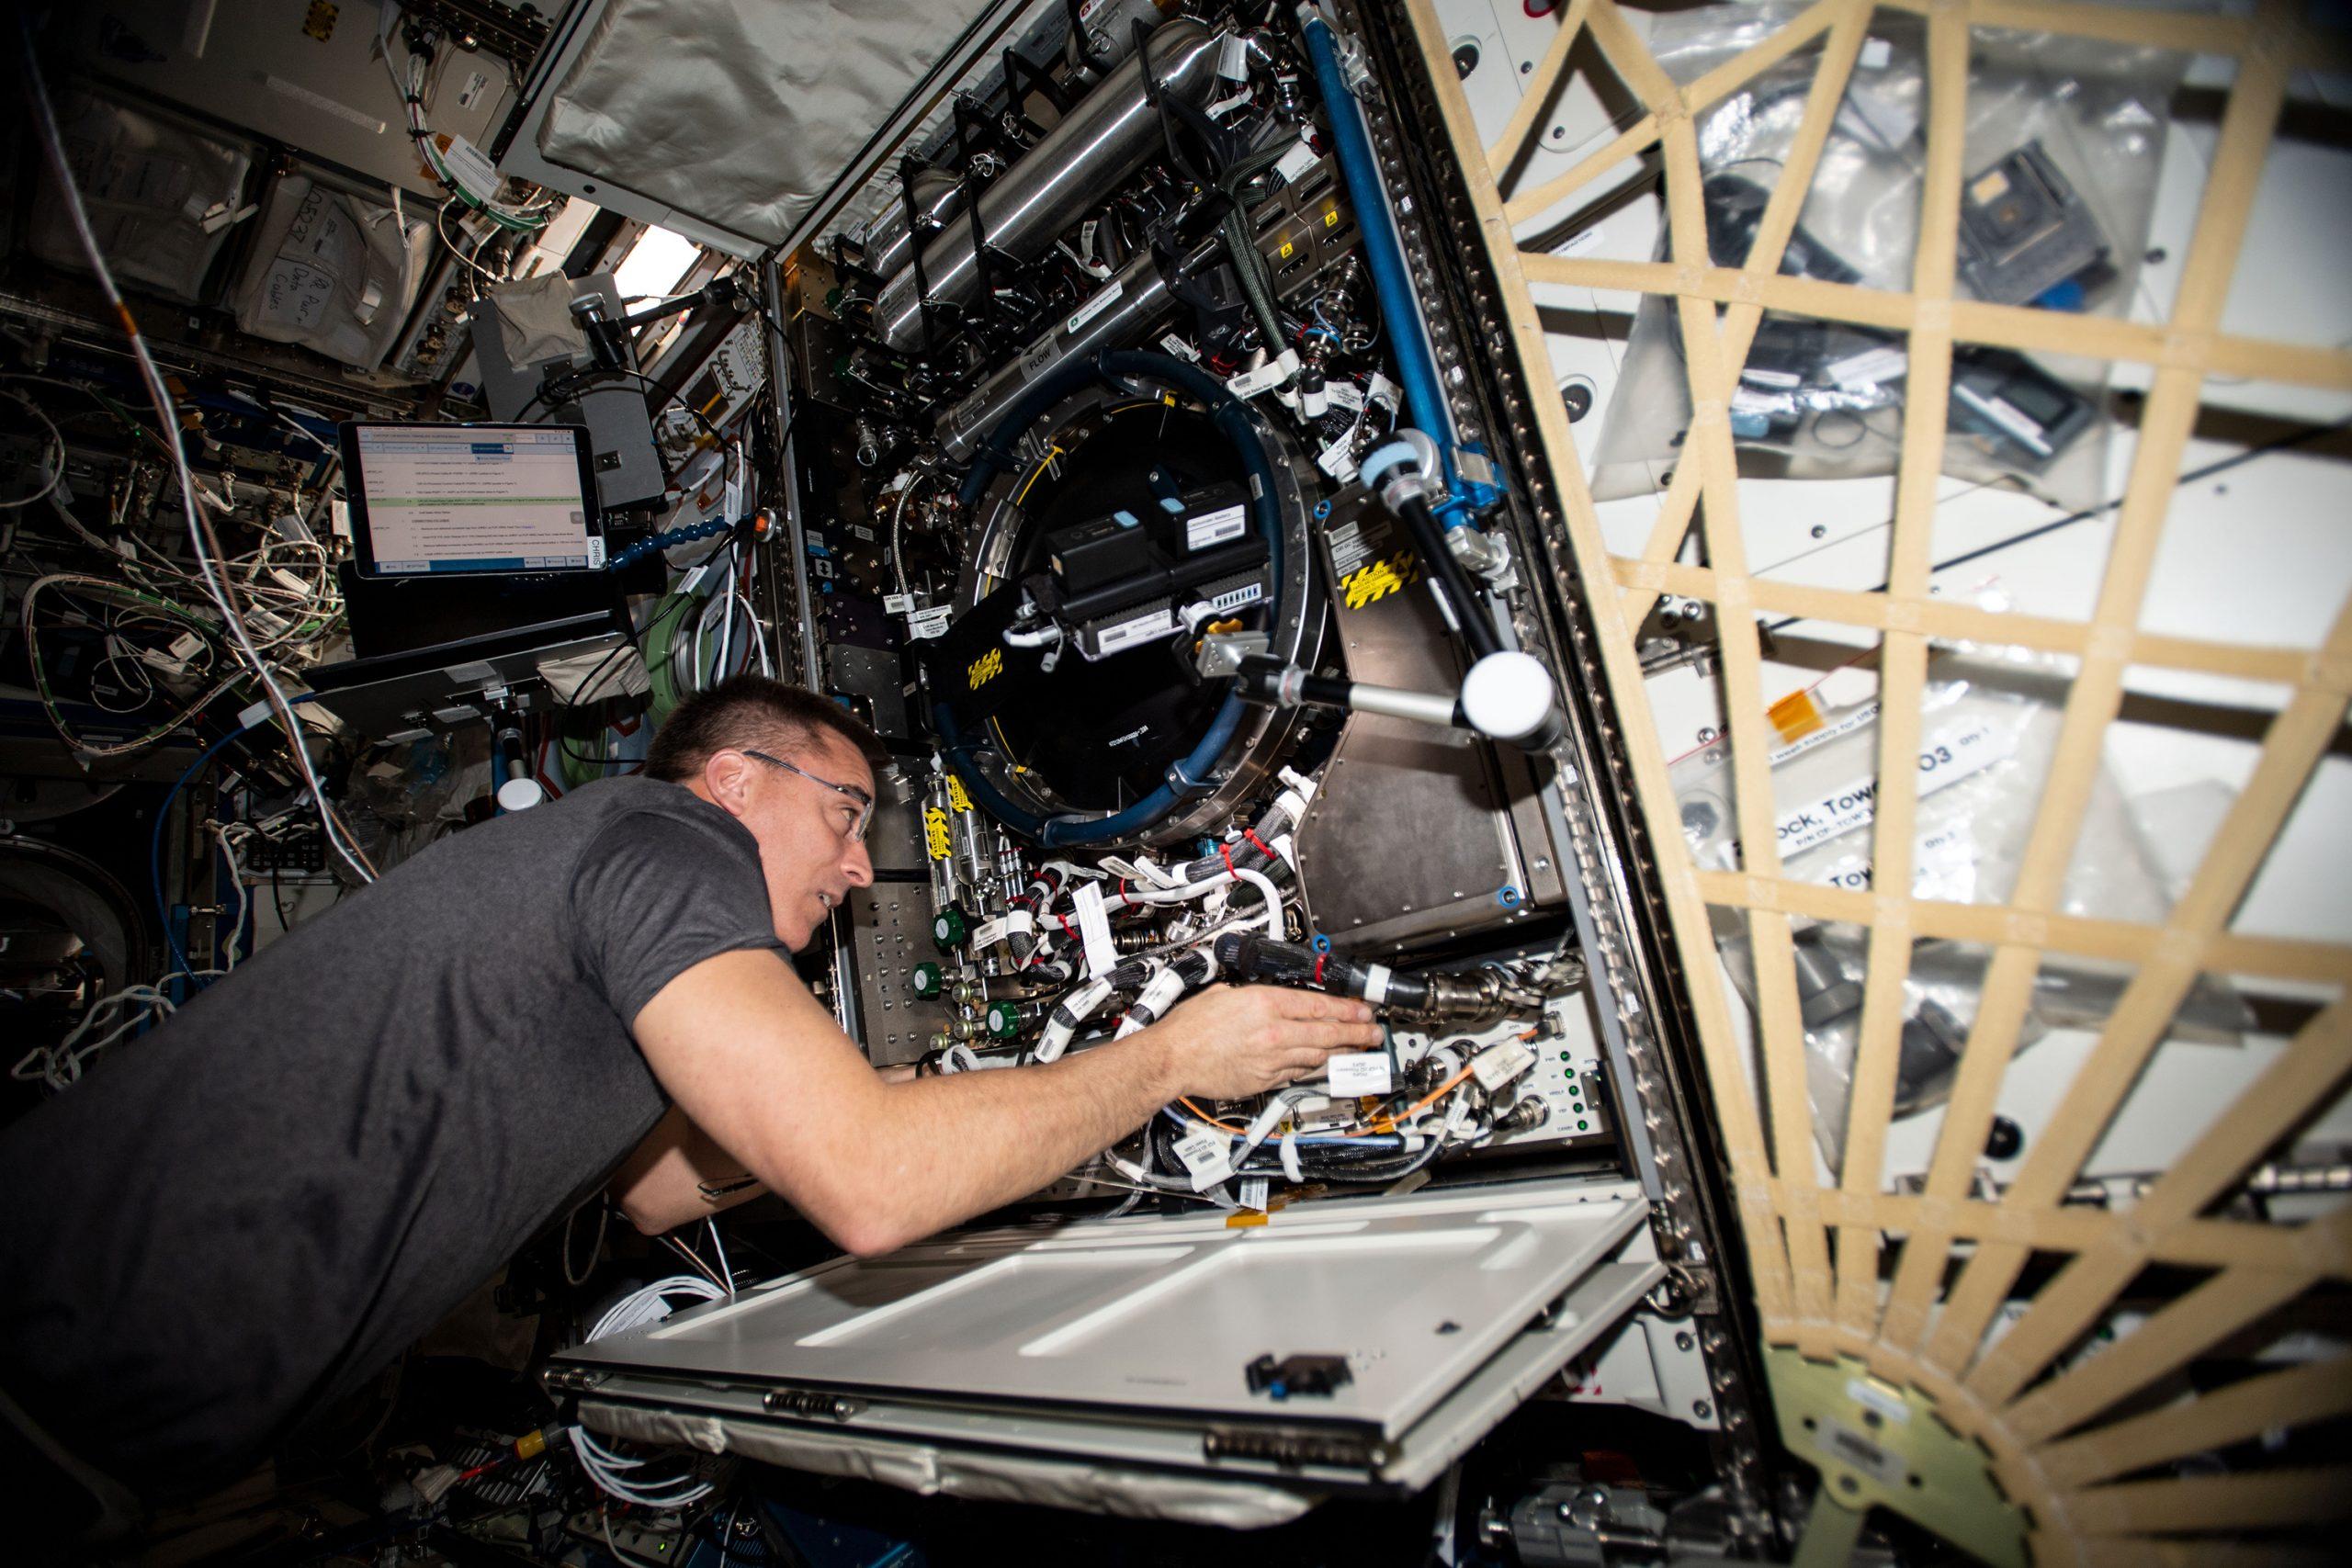 ISSで再び原因不明の空気漏れ、乗組員が発生場所を調査中